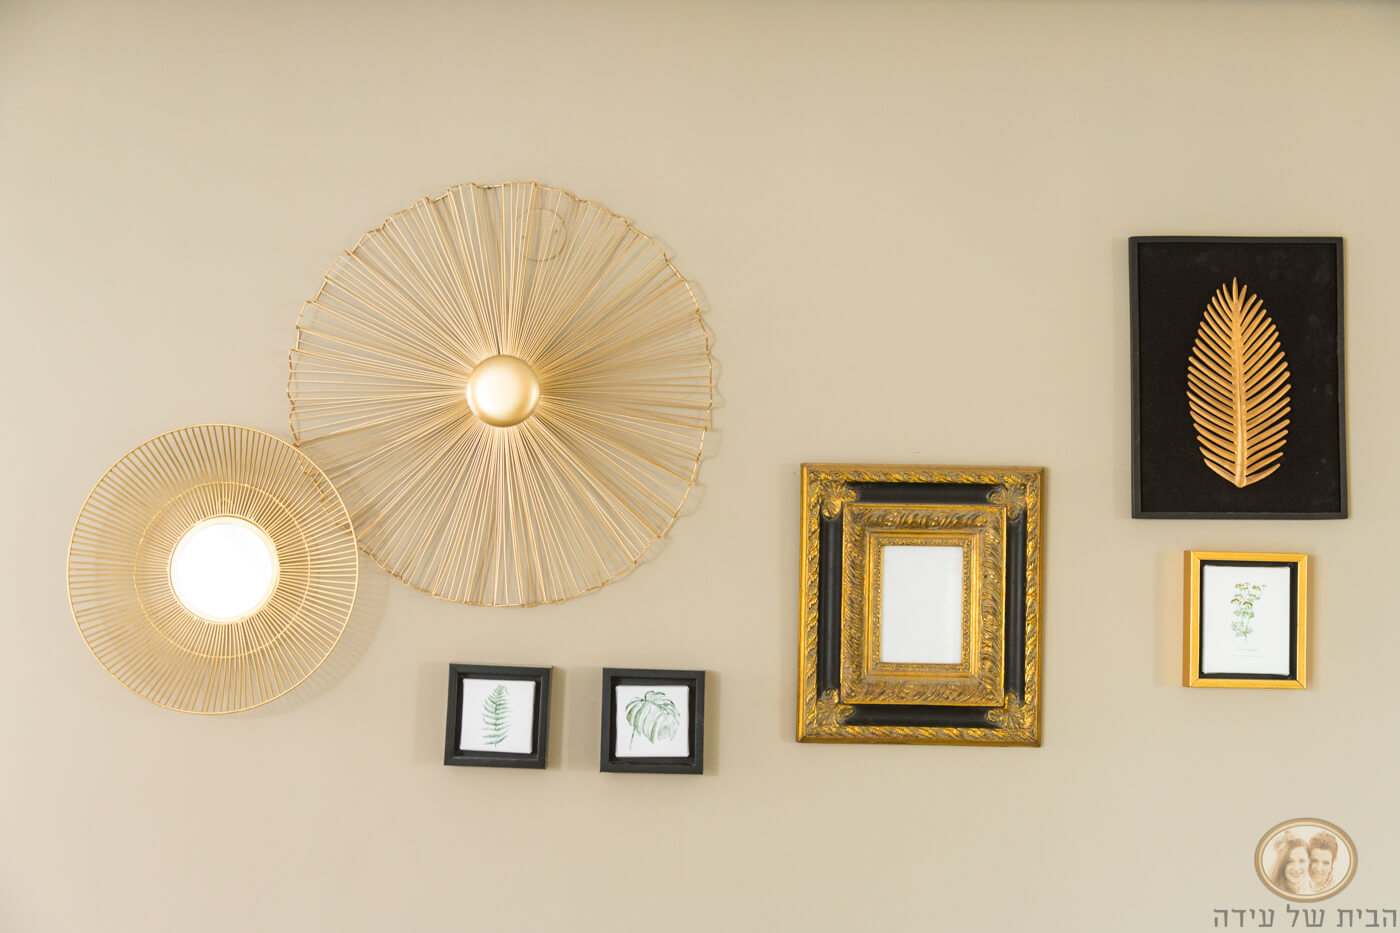 תמונות מעל קיר ספה